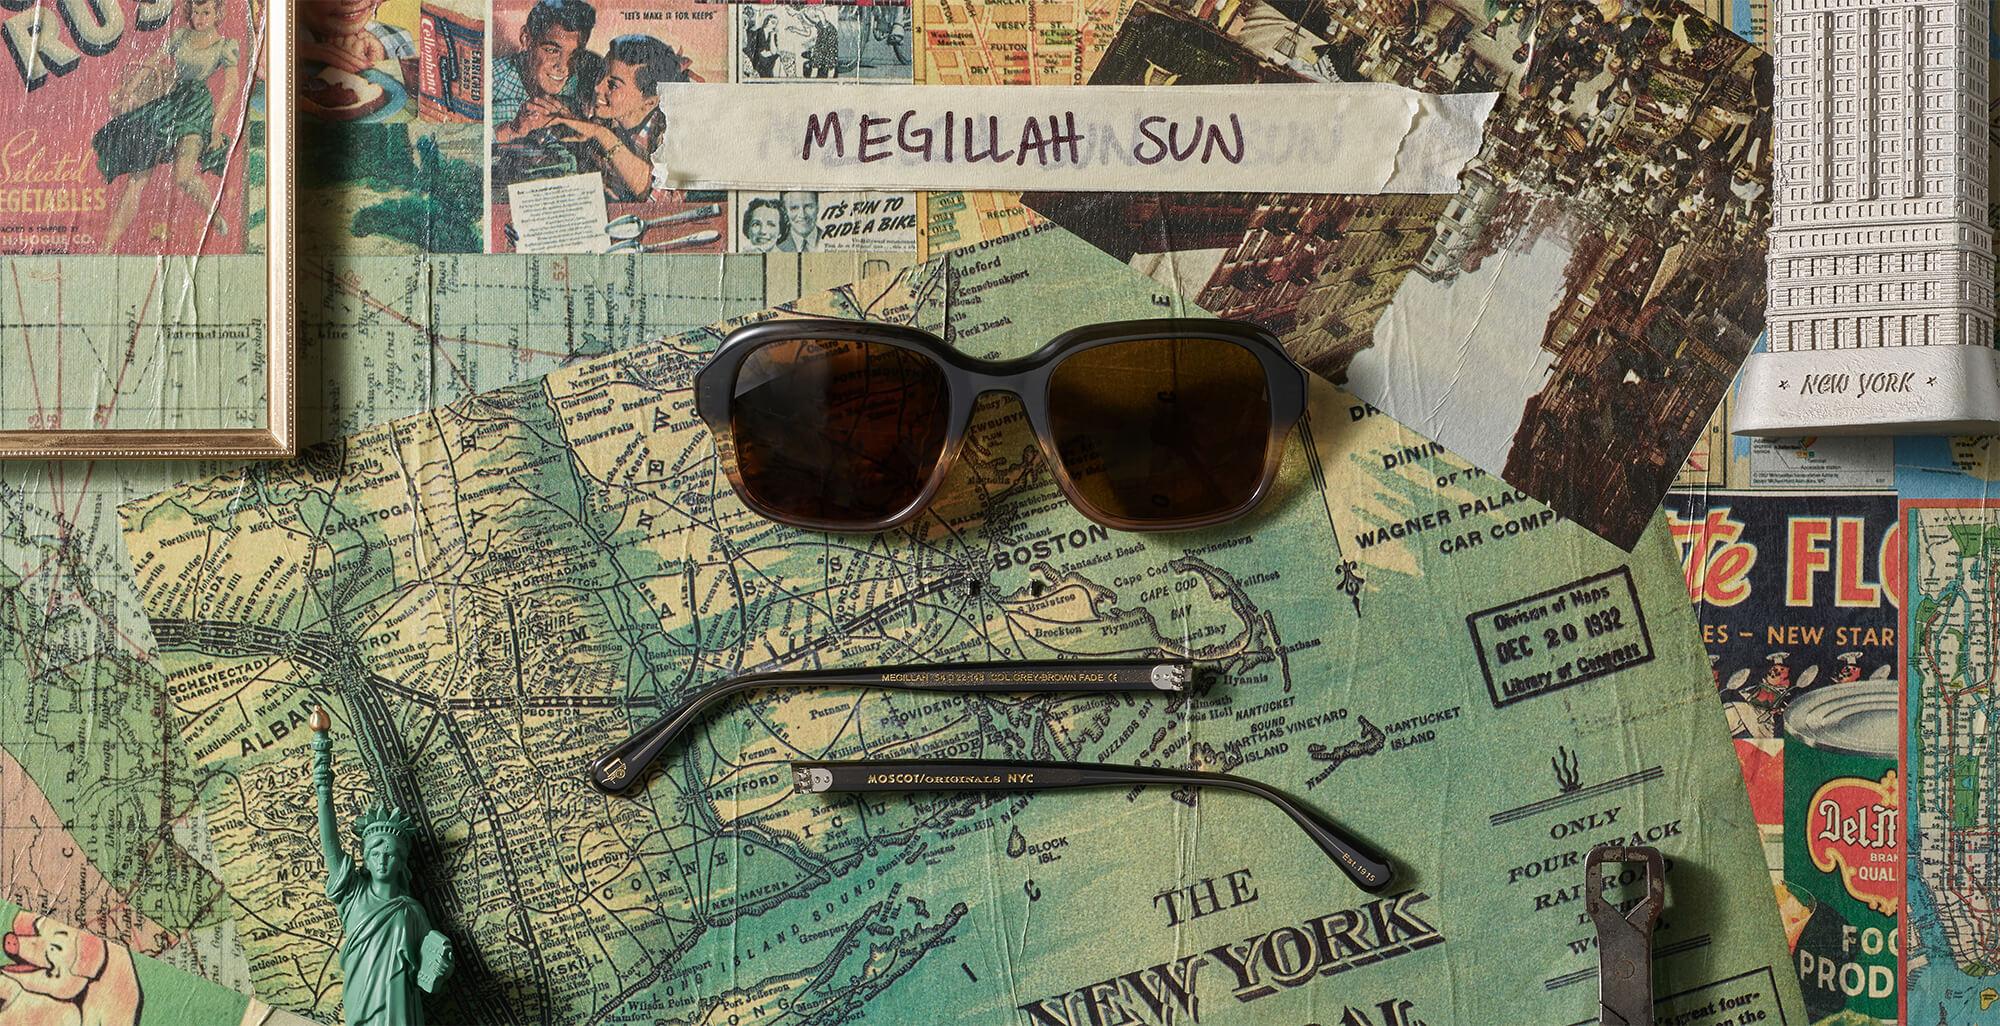 MEGILLAH SUN